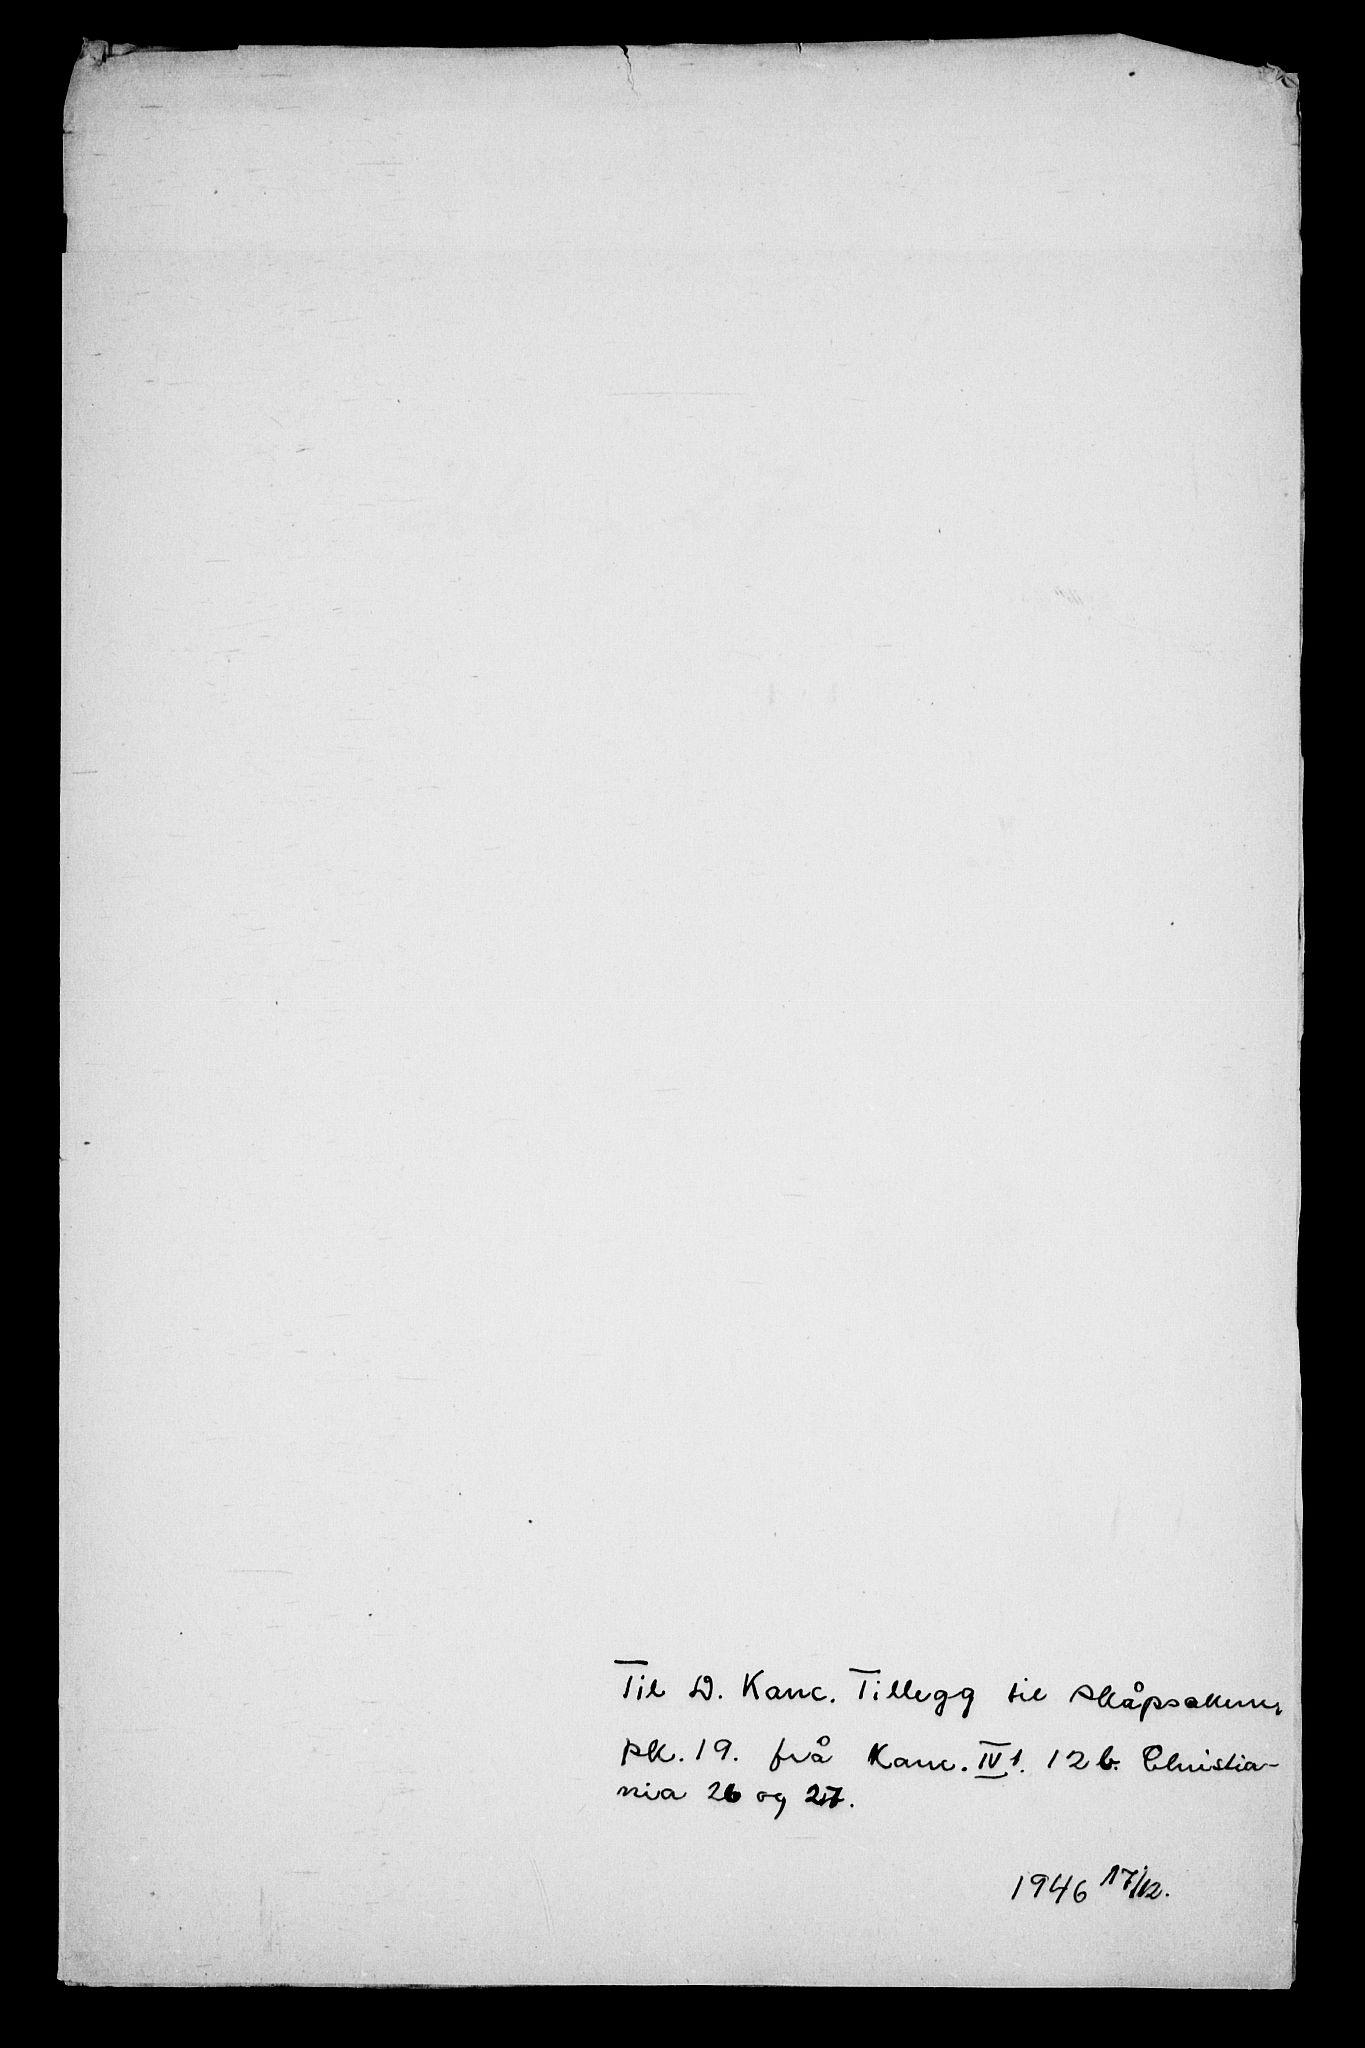 RA, Danske Kanselli, Skapsaker, G/L0019: Tillegg til skapsakene, 1616-1753, s. 393